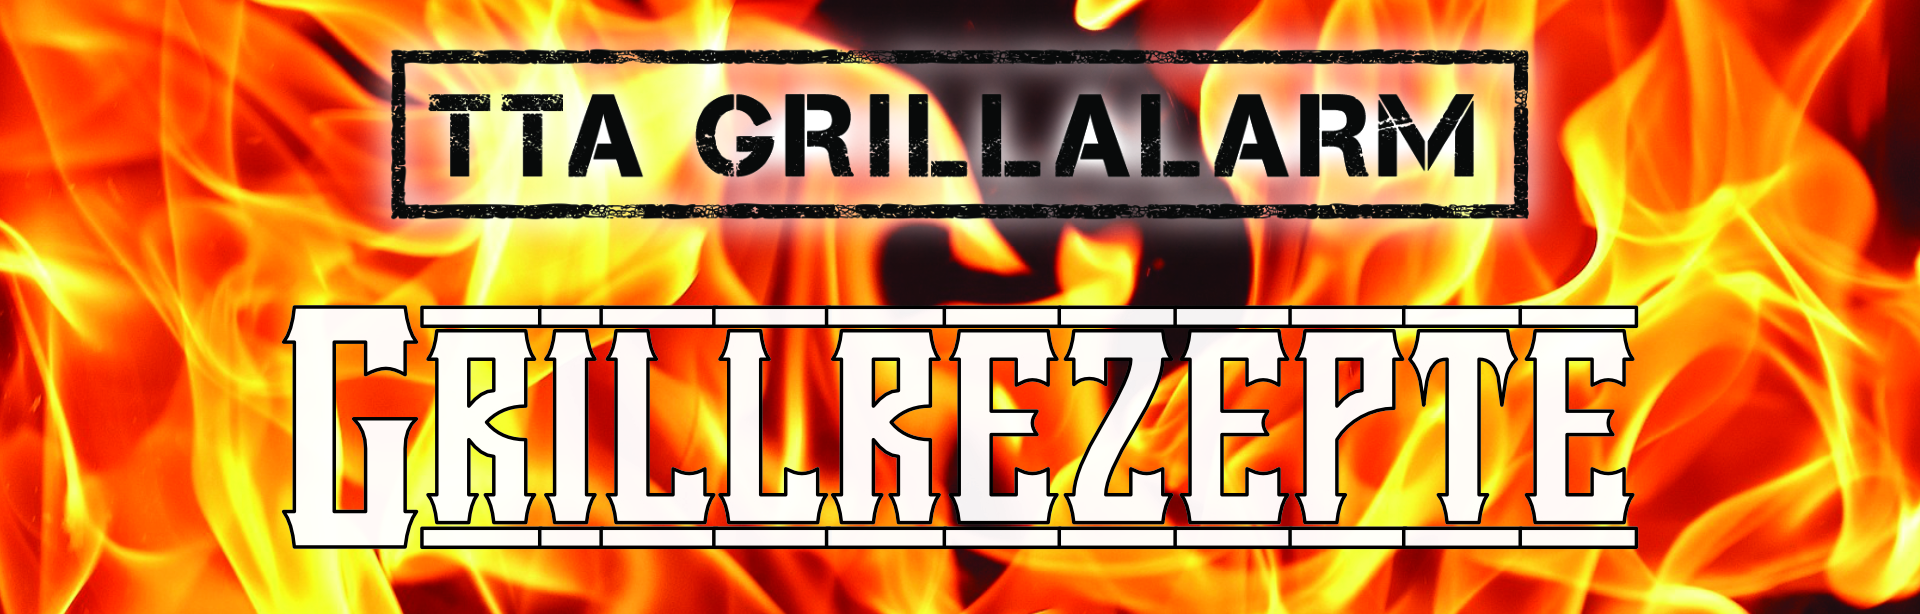 Grillalarm Banner Rezepte